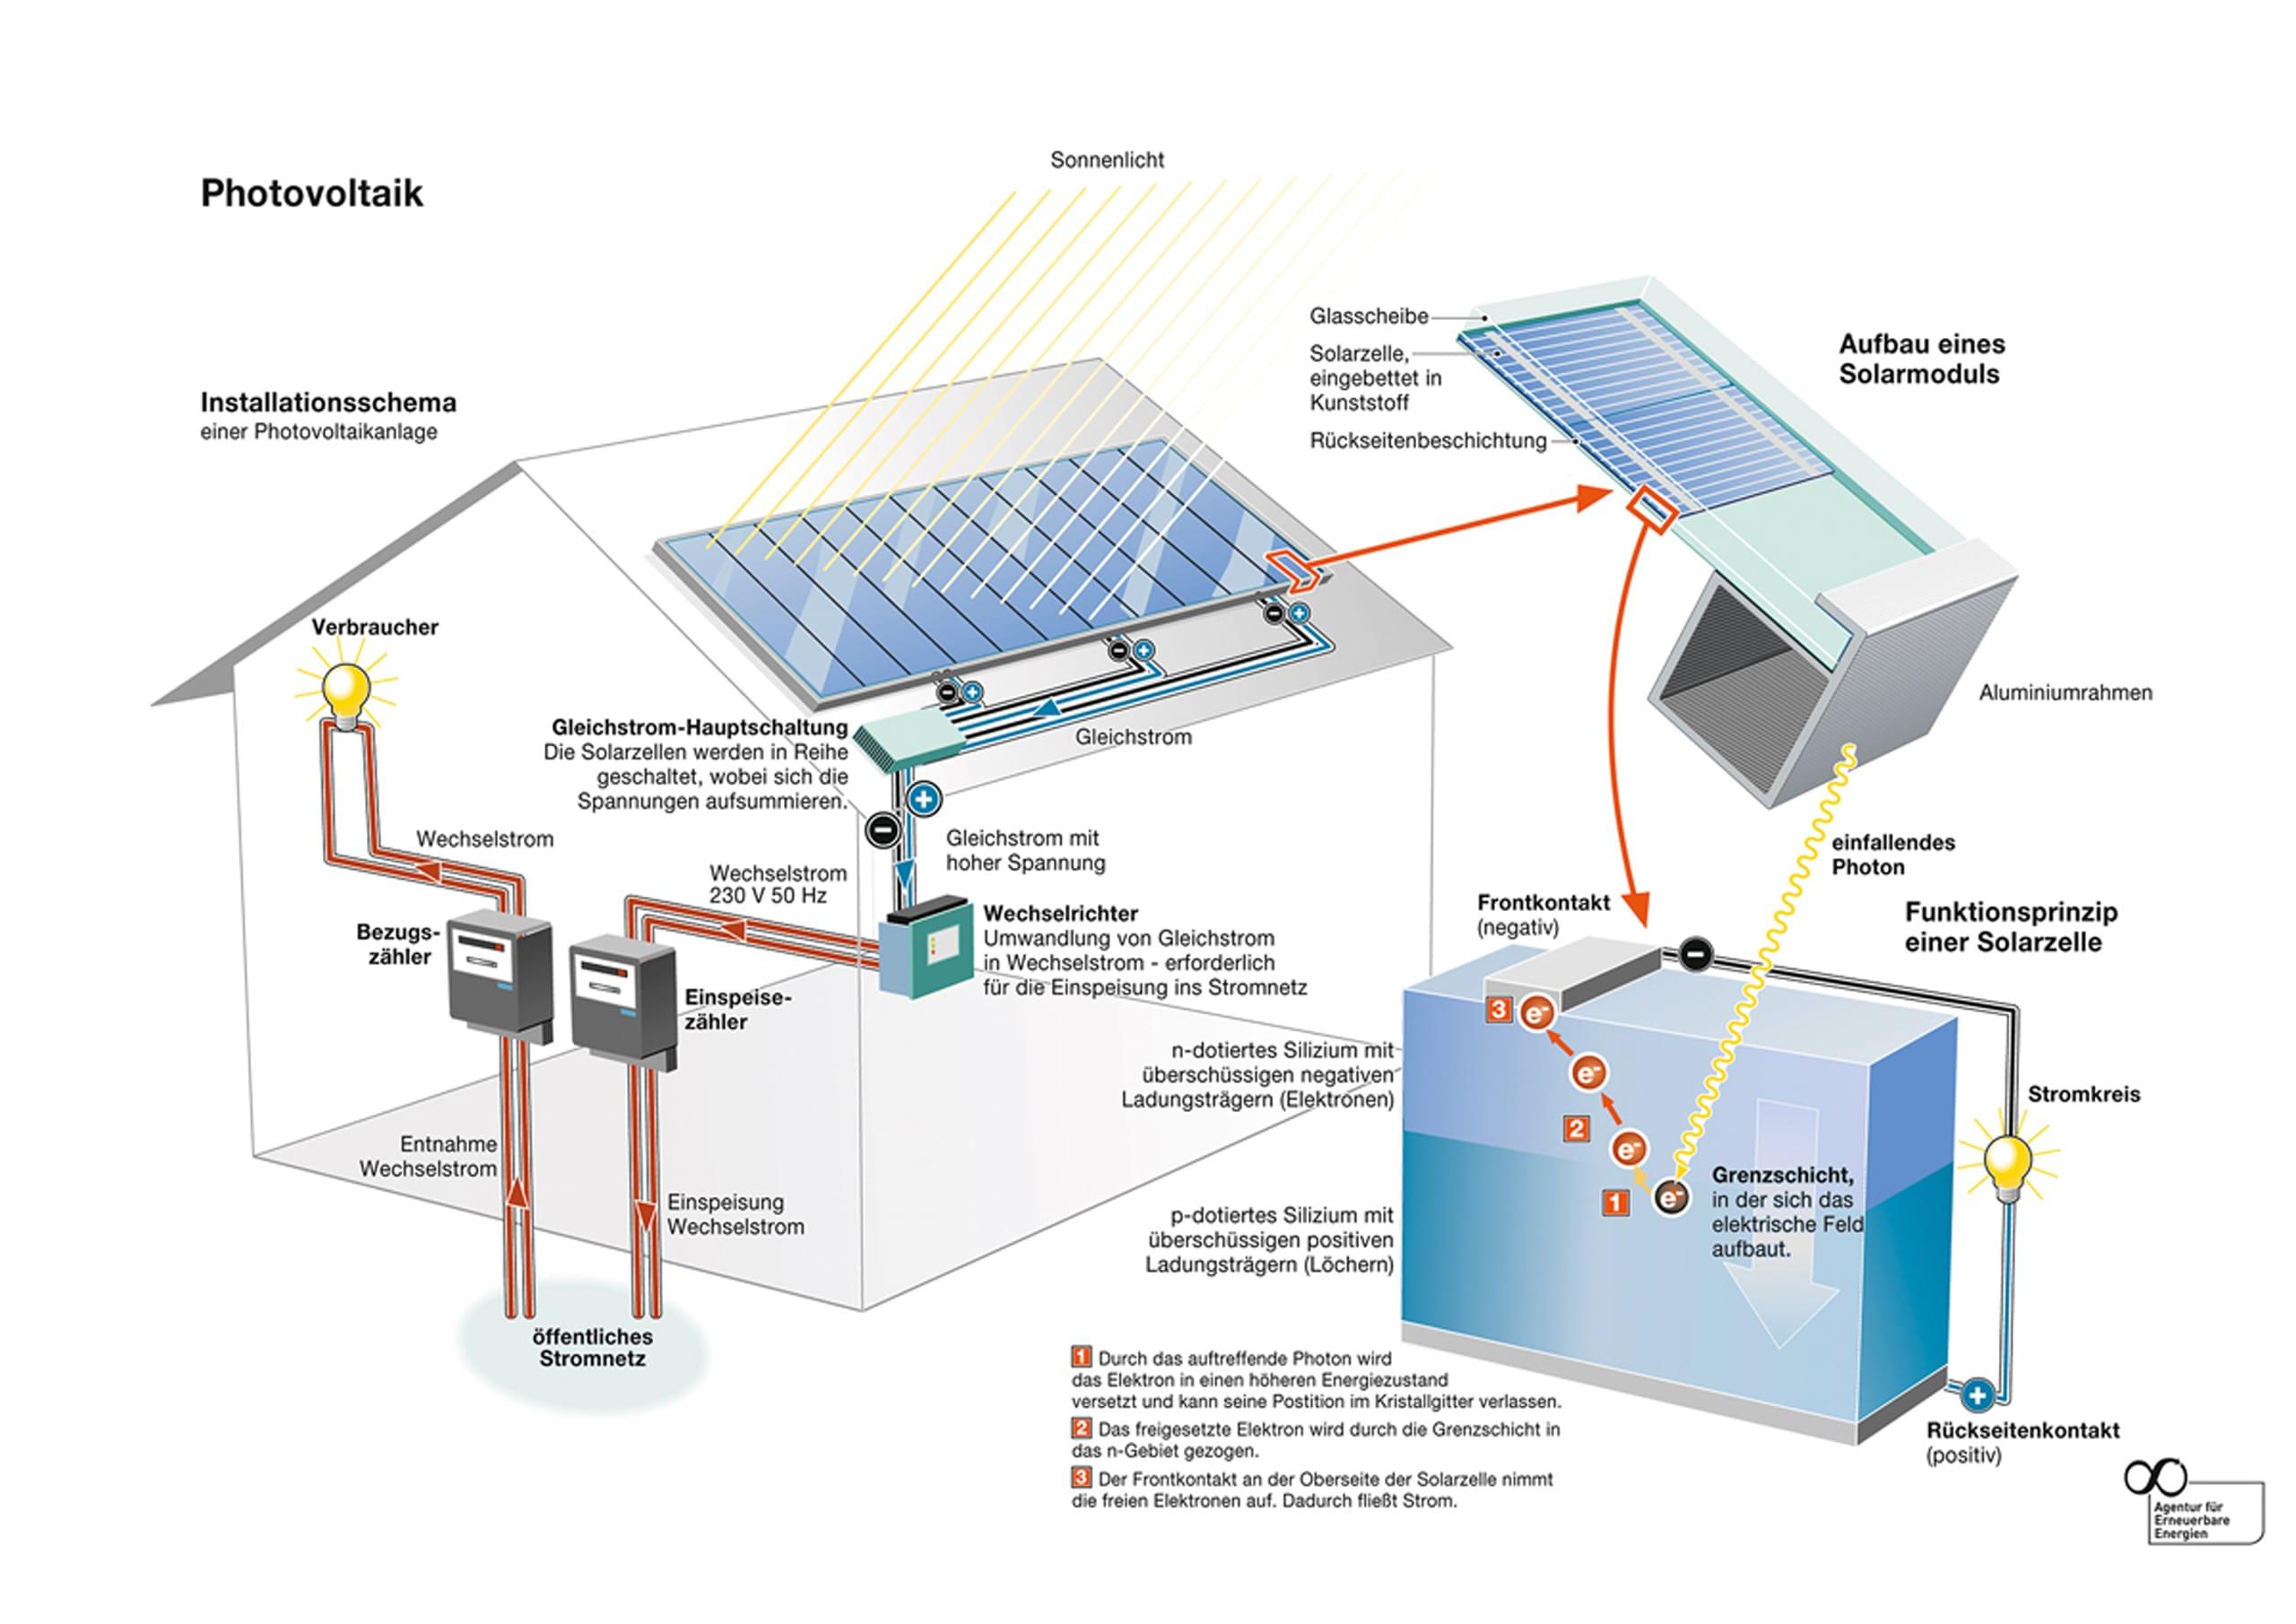 Photovoltaik - Leistung der Hermann Vortkamp e.K. aus Steinfurt